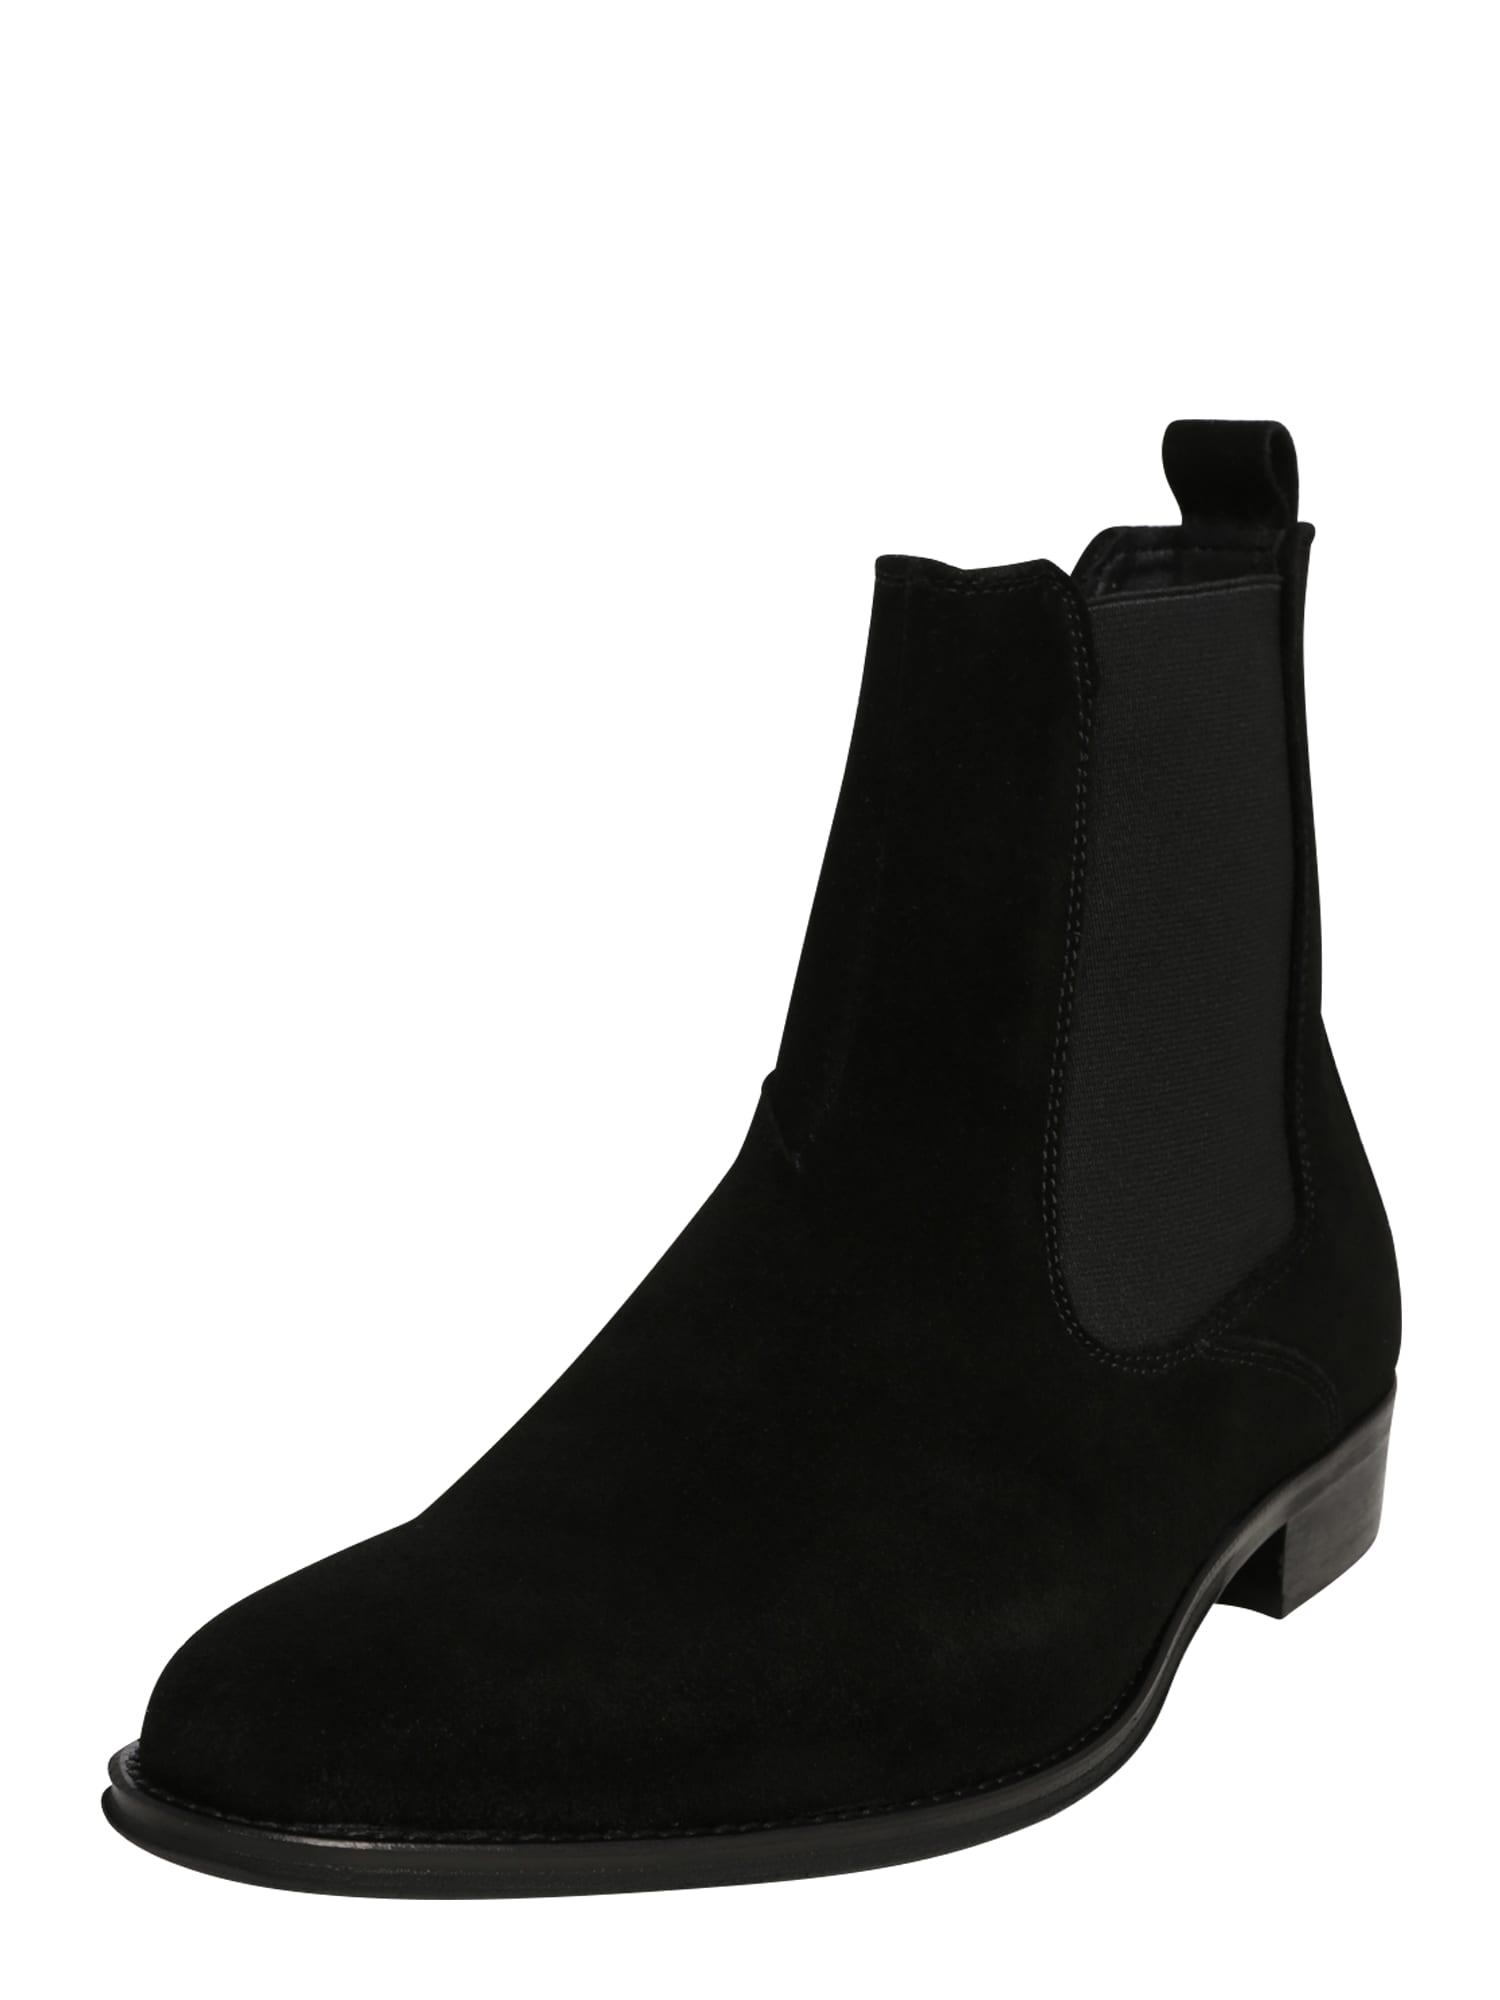 ANTONY MORATO Chelsea batai 'Brenta' juoda